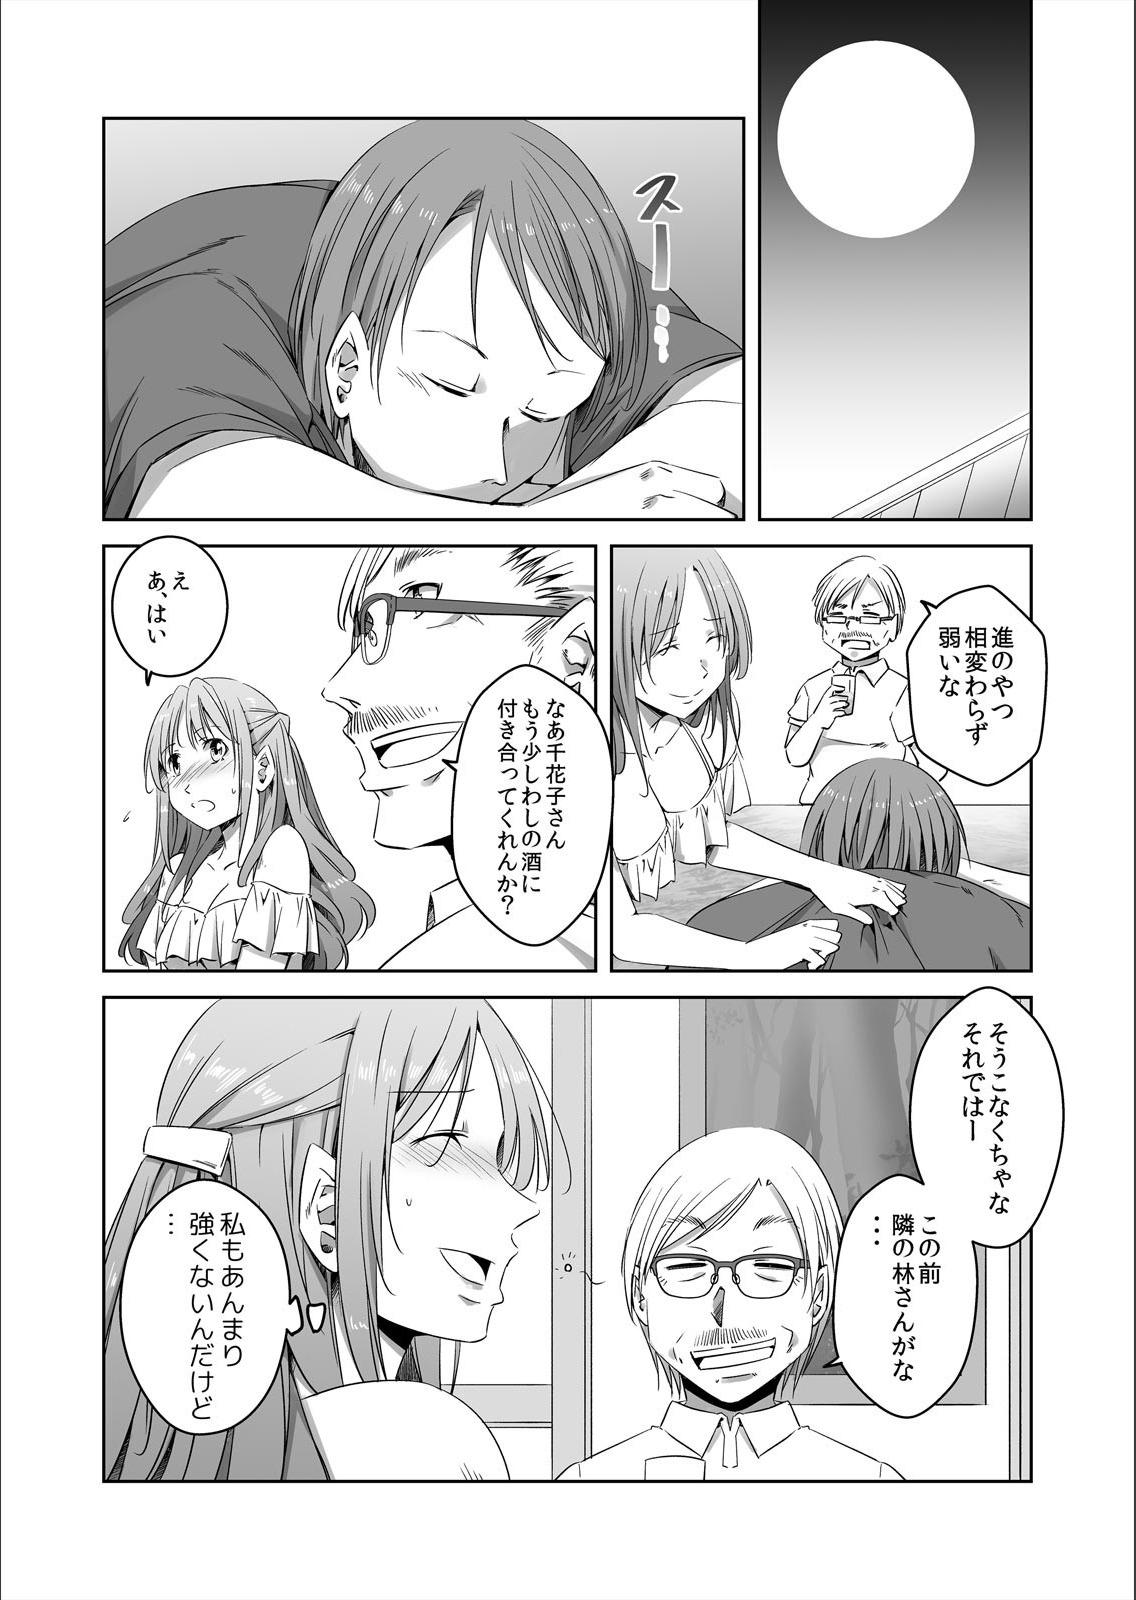 [Bokuboku] Nusumu Hitozuma, Okasu Gifu ~Shujin ni wa Iwanaide Kudasai...~ Ch.1 11